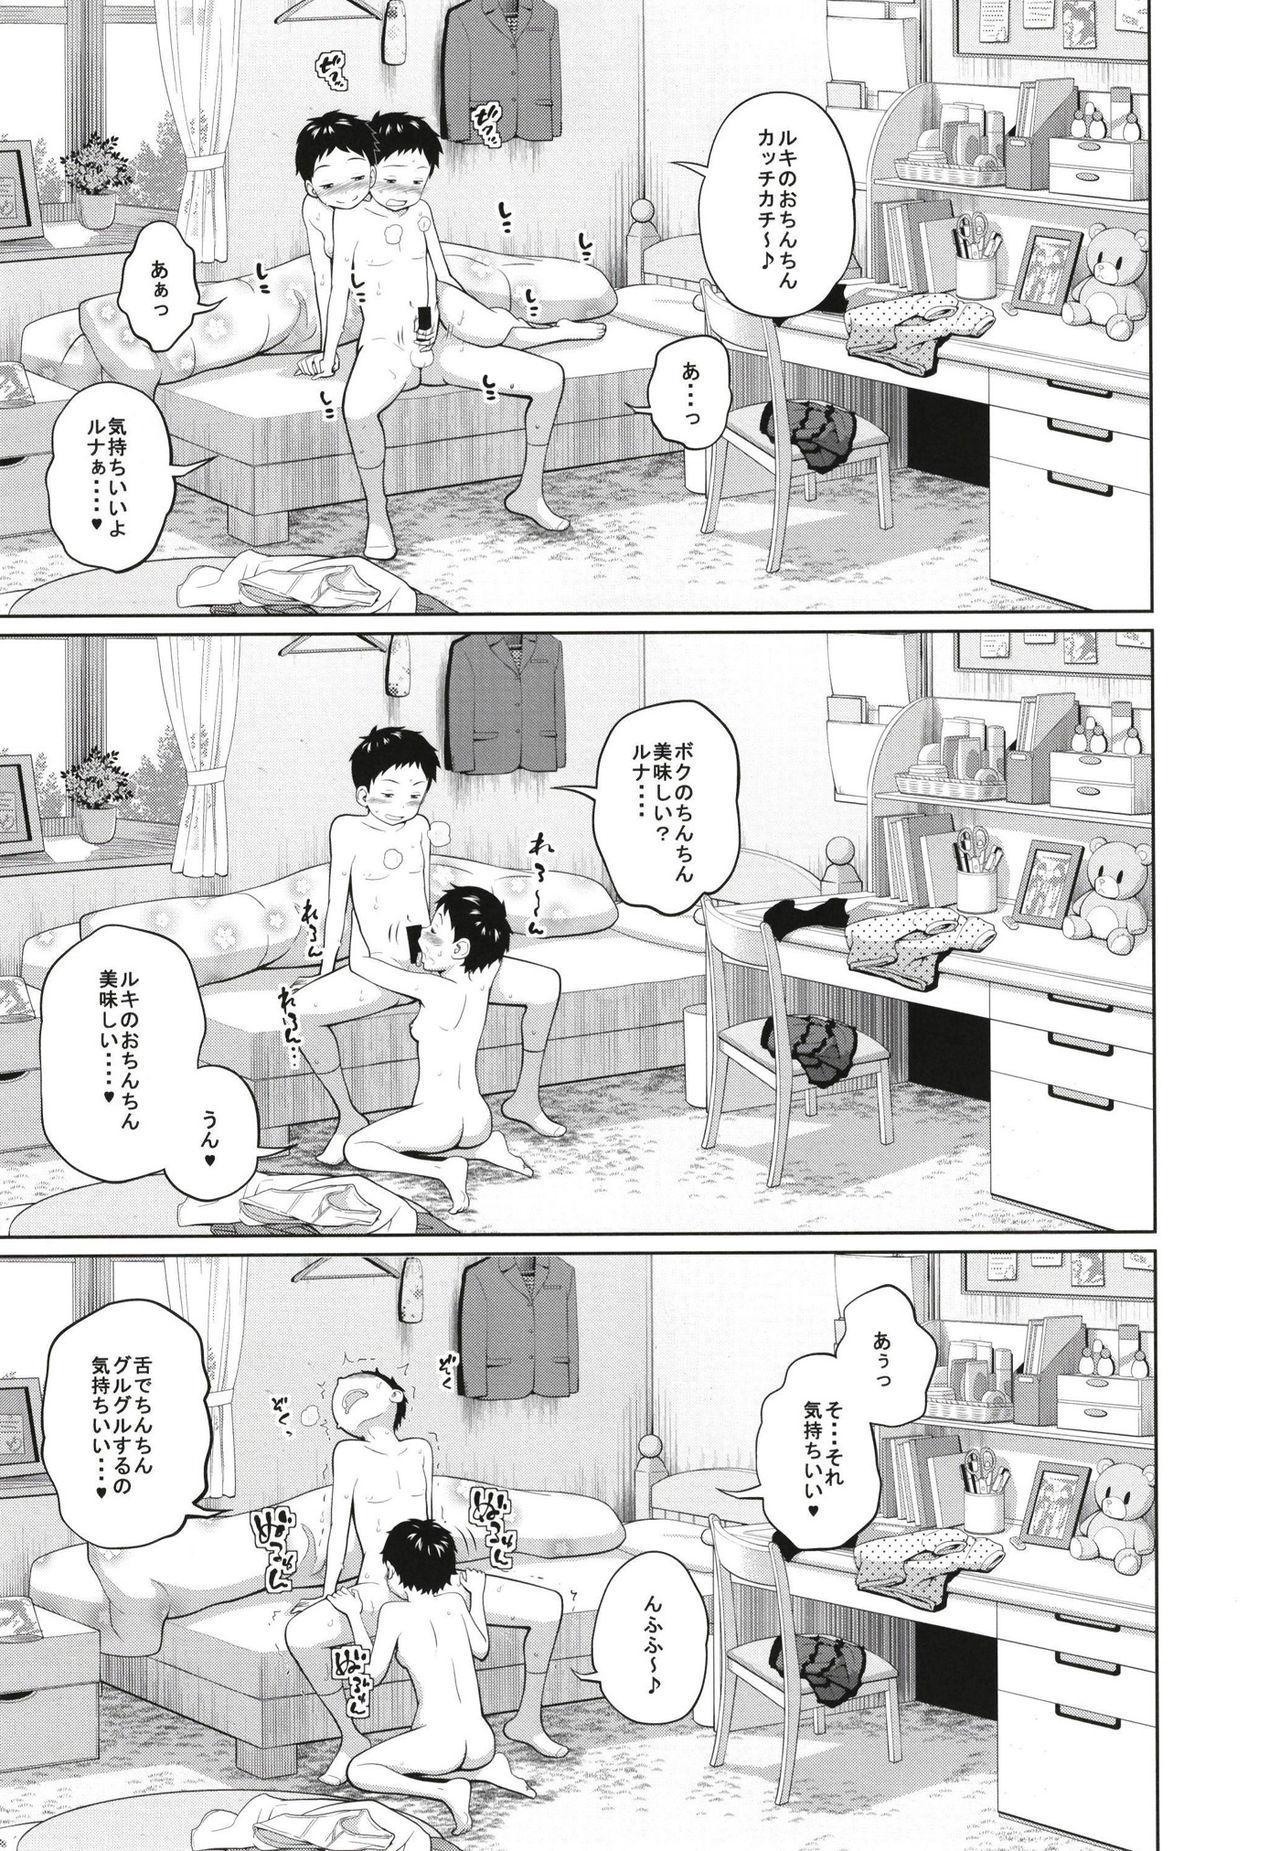 Kono Naka ni Kinshin Soukan Shiteiru Musume ga 3-nin Imasu #3 12